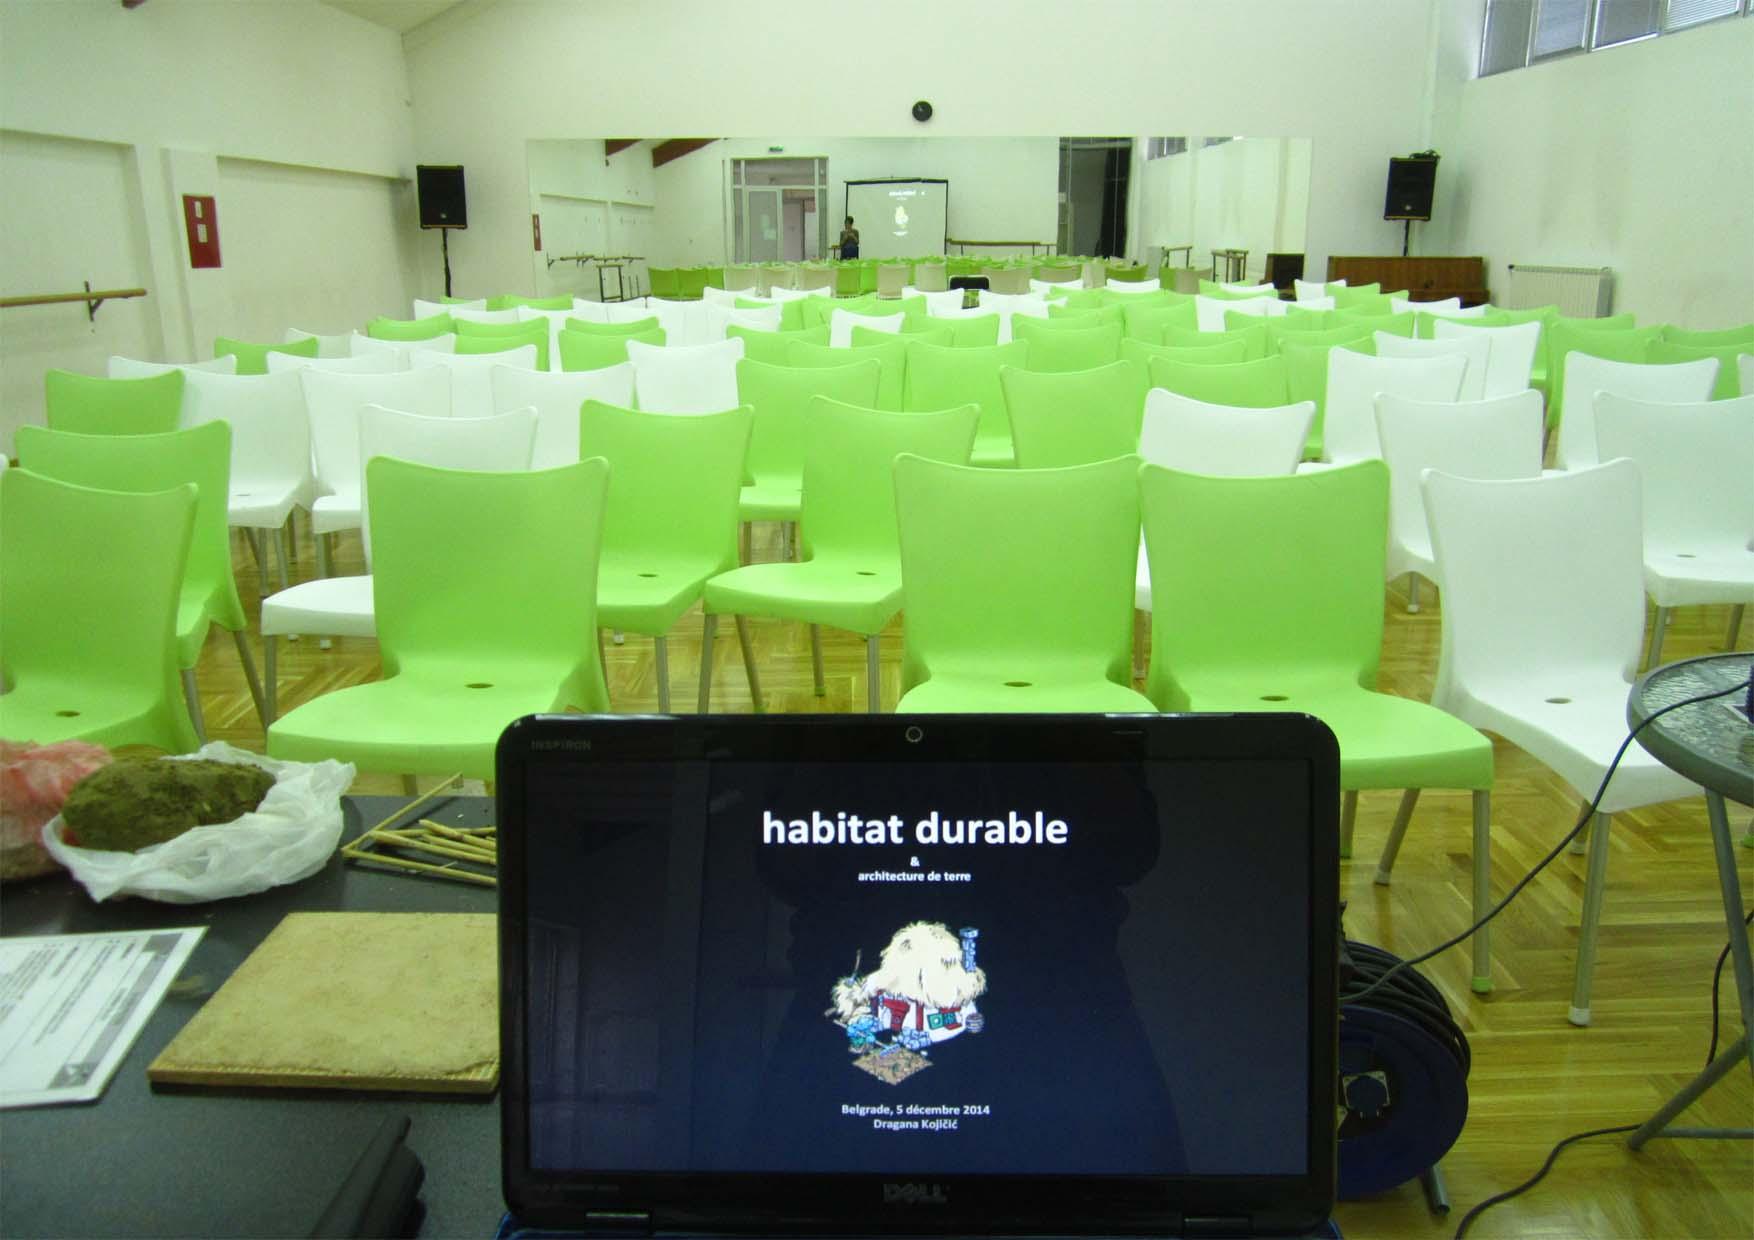 04 francuska skola Beograd